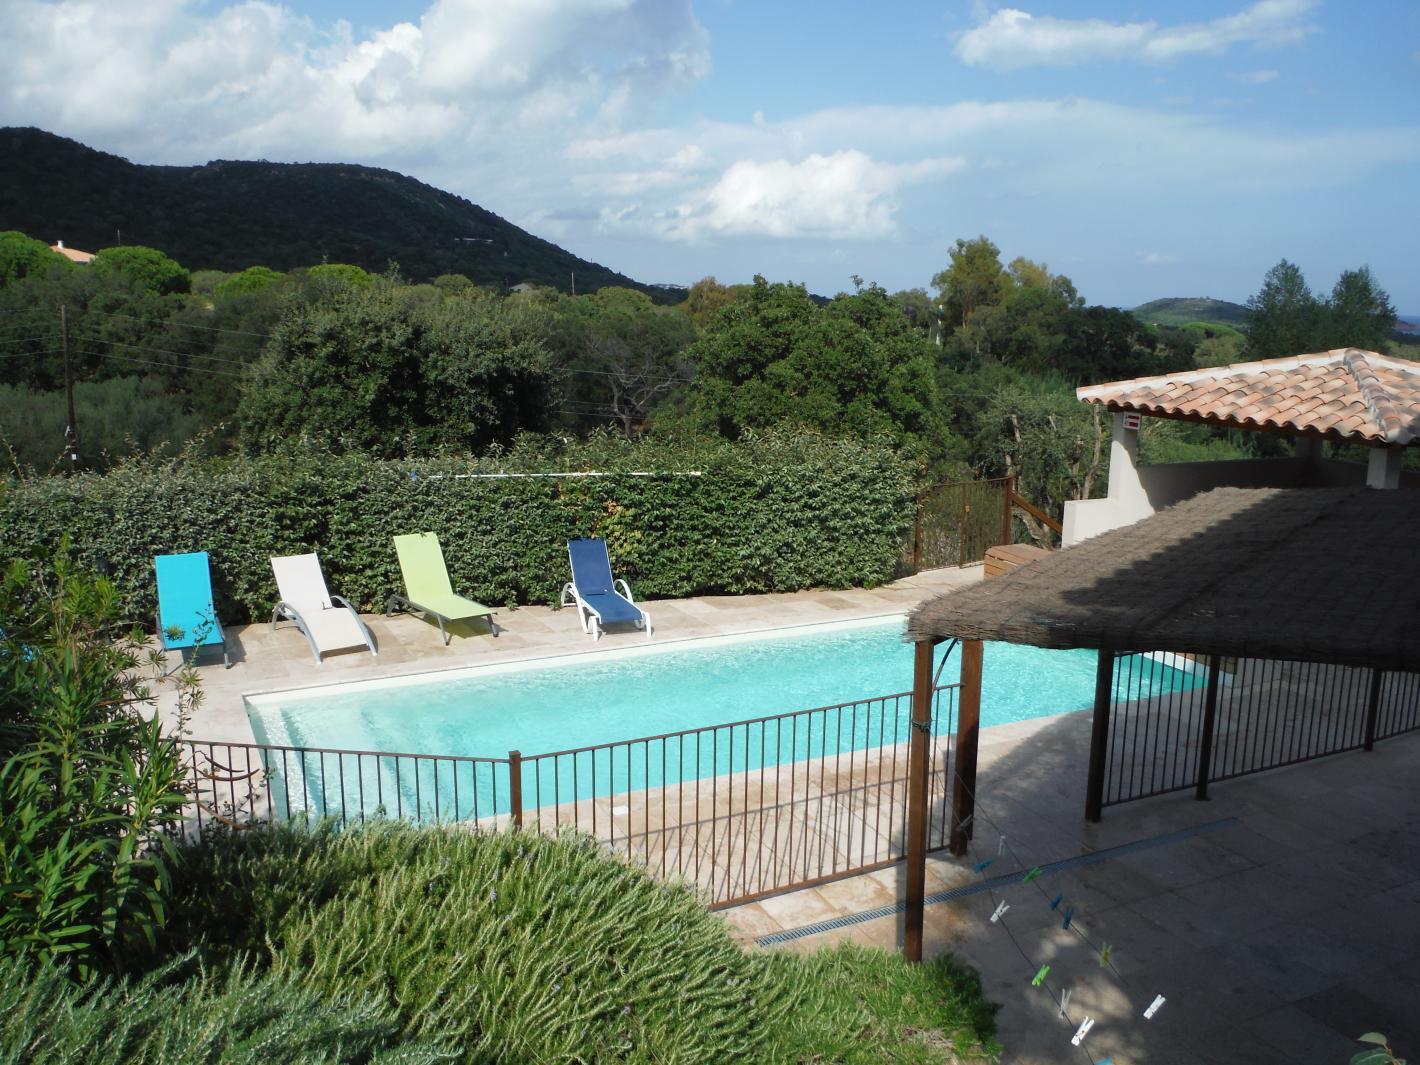 villa avec piscine chauff e entre pinarello et saint cyprien porto vecchio. Black Bedroom Furniture Sets. Home Design Ideas